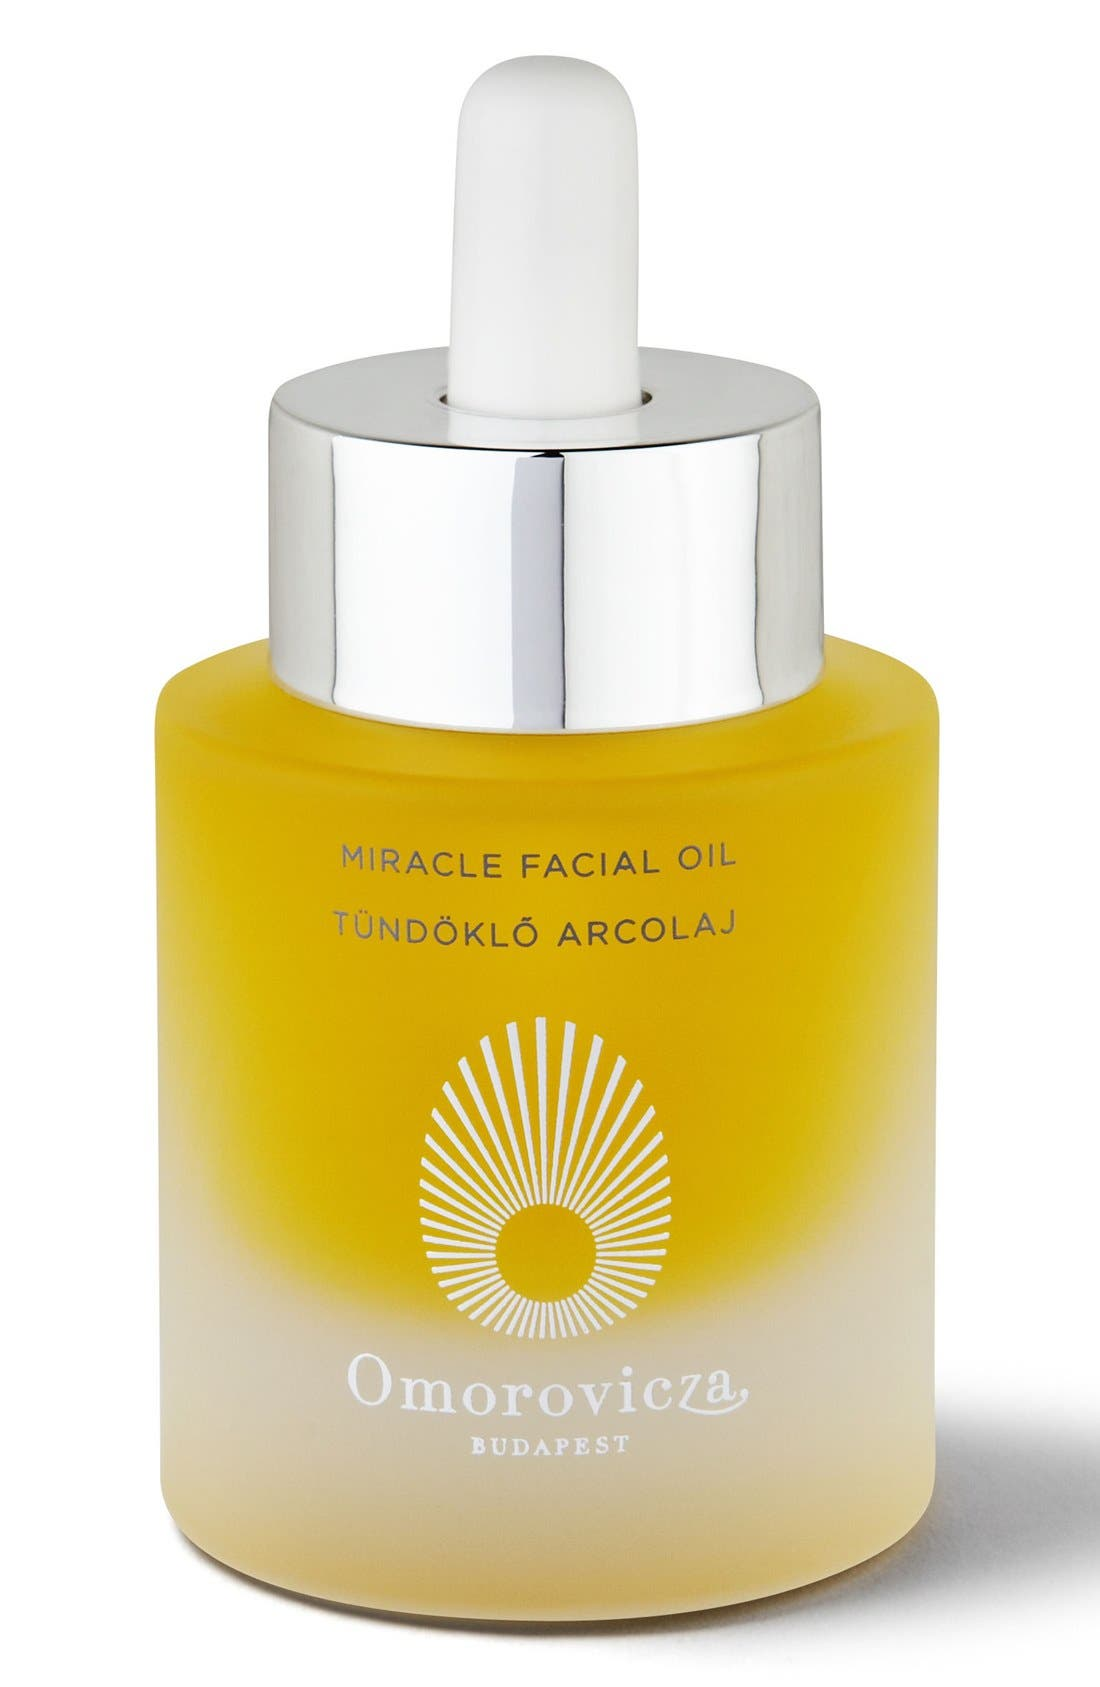 Omorovicza Miracle Facial Oil